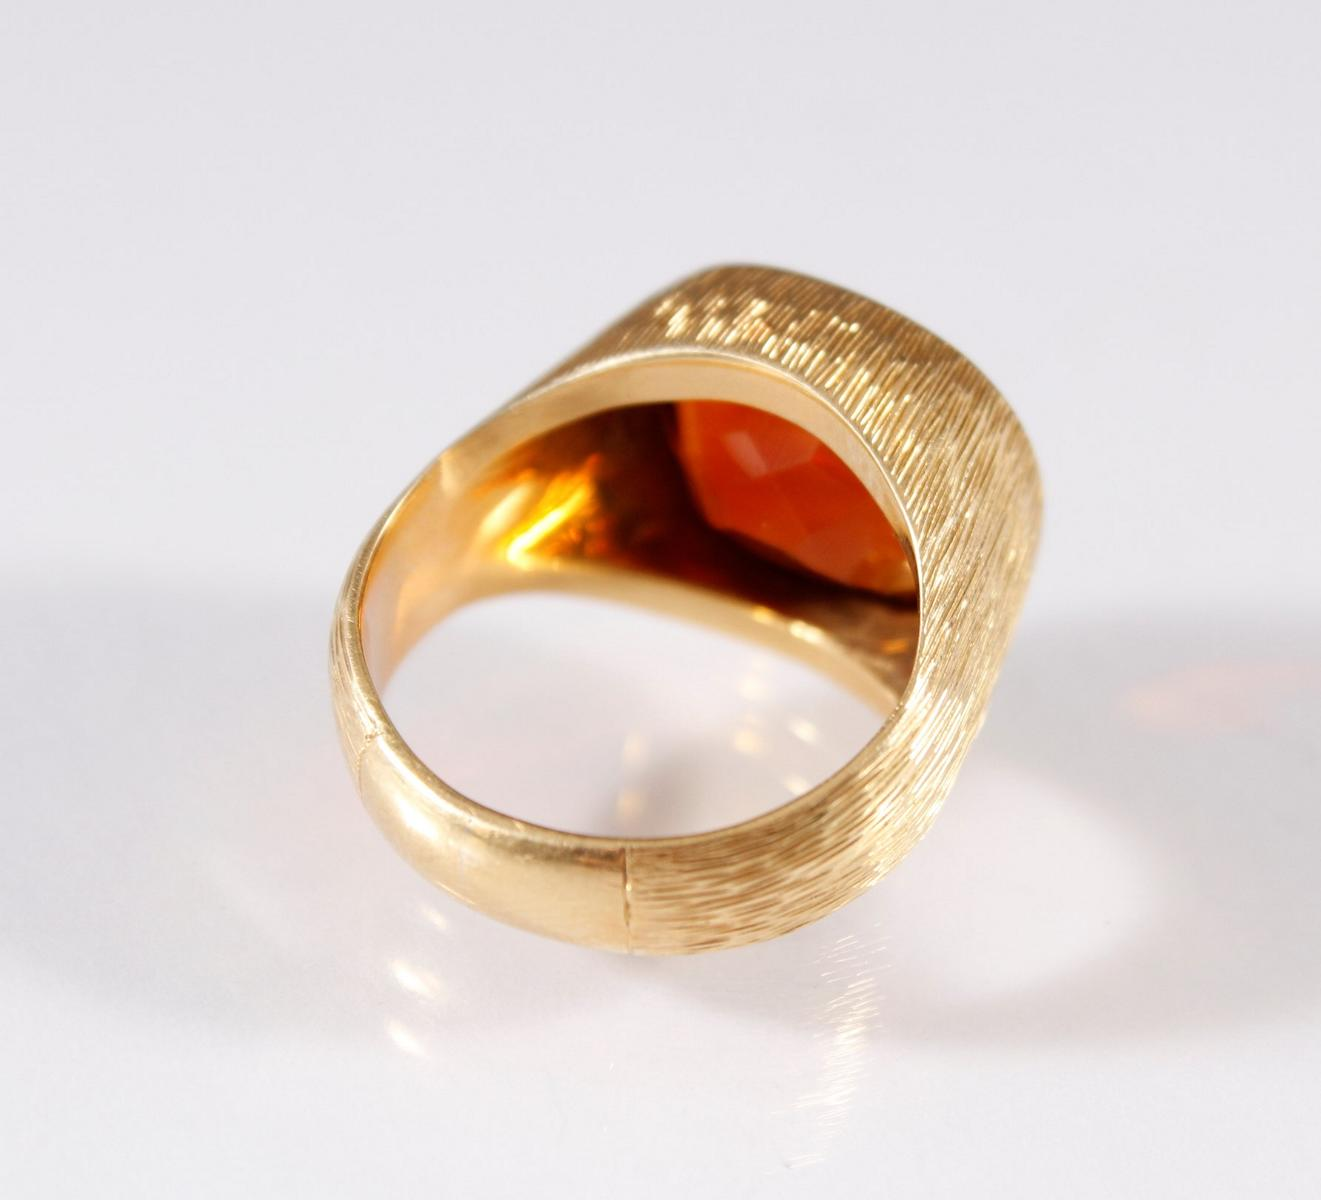 Damenring mit großem Topas, 18 Karat Gelbgold-2